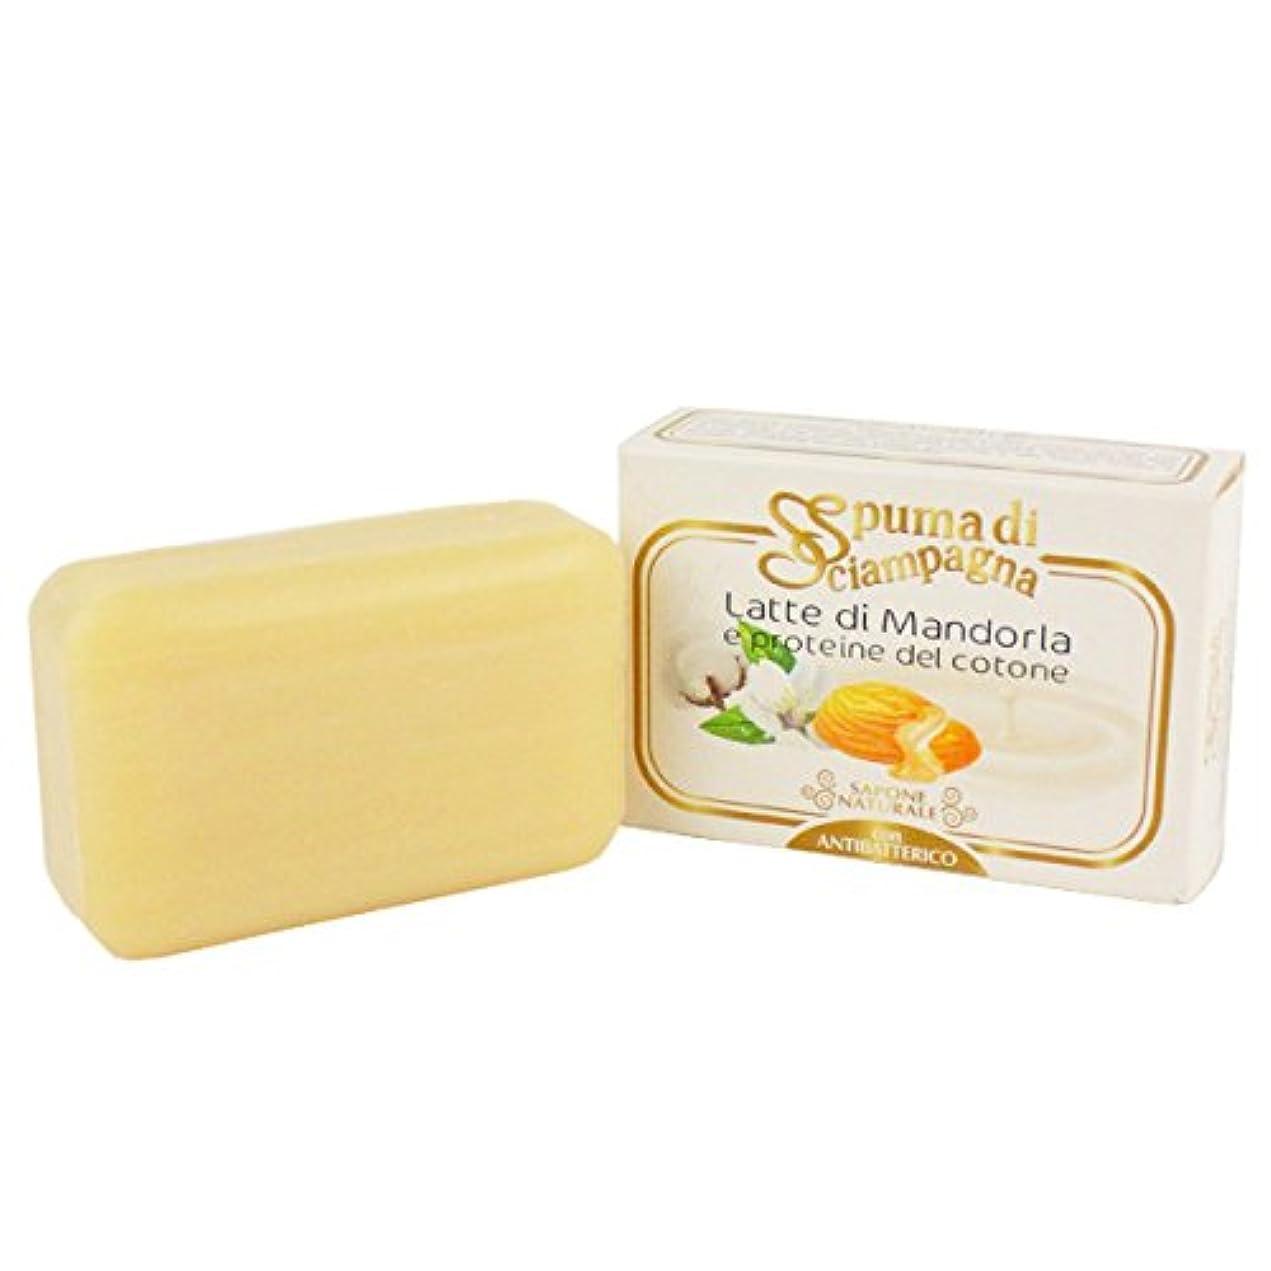 ノイズ受け皿堤防Spuma di Sciampagna (スプーマ ディ シャンパーニャ) ナチュラルソープ 化粧石けん 145g アーモンドの香り